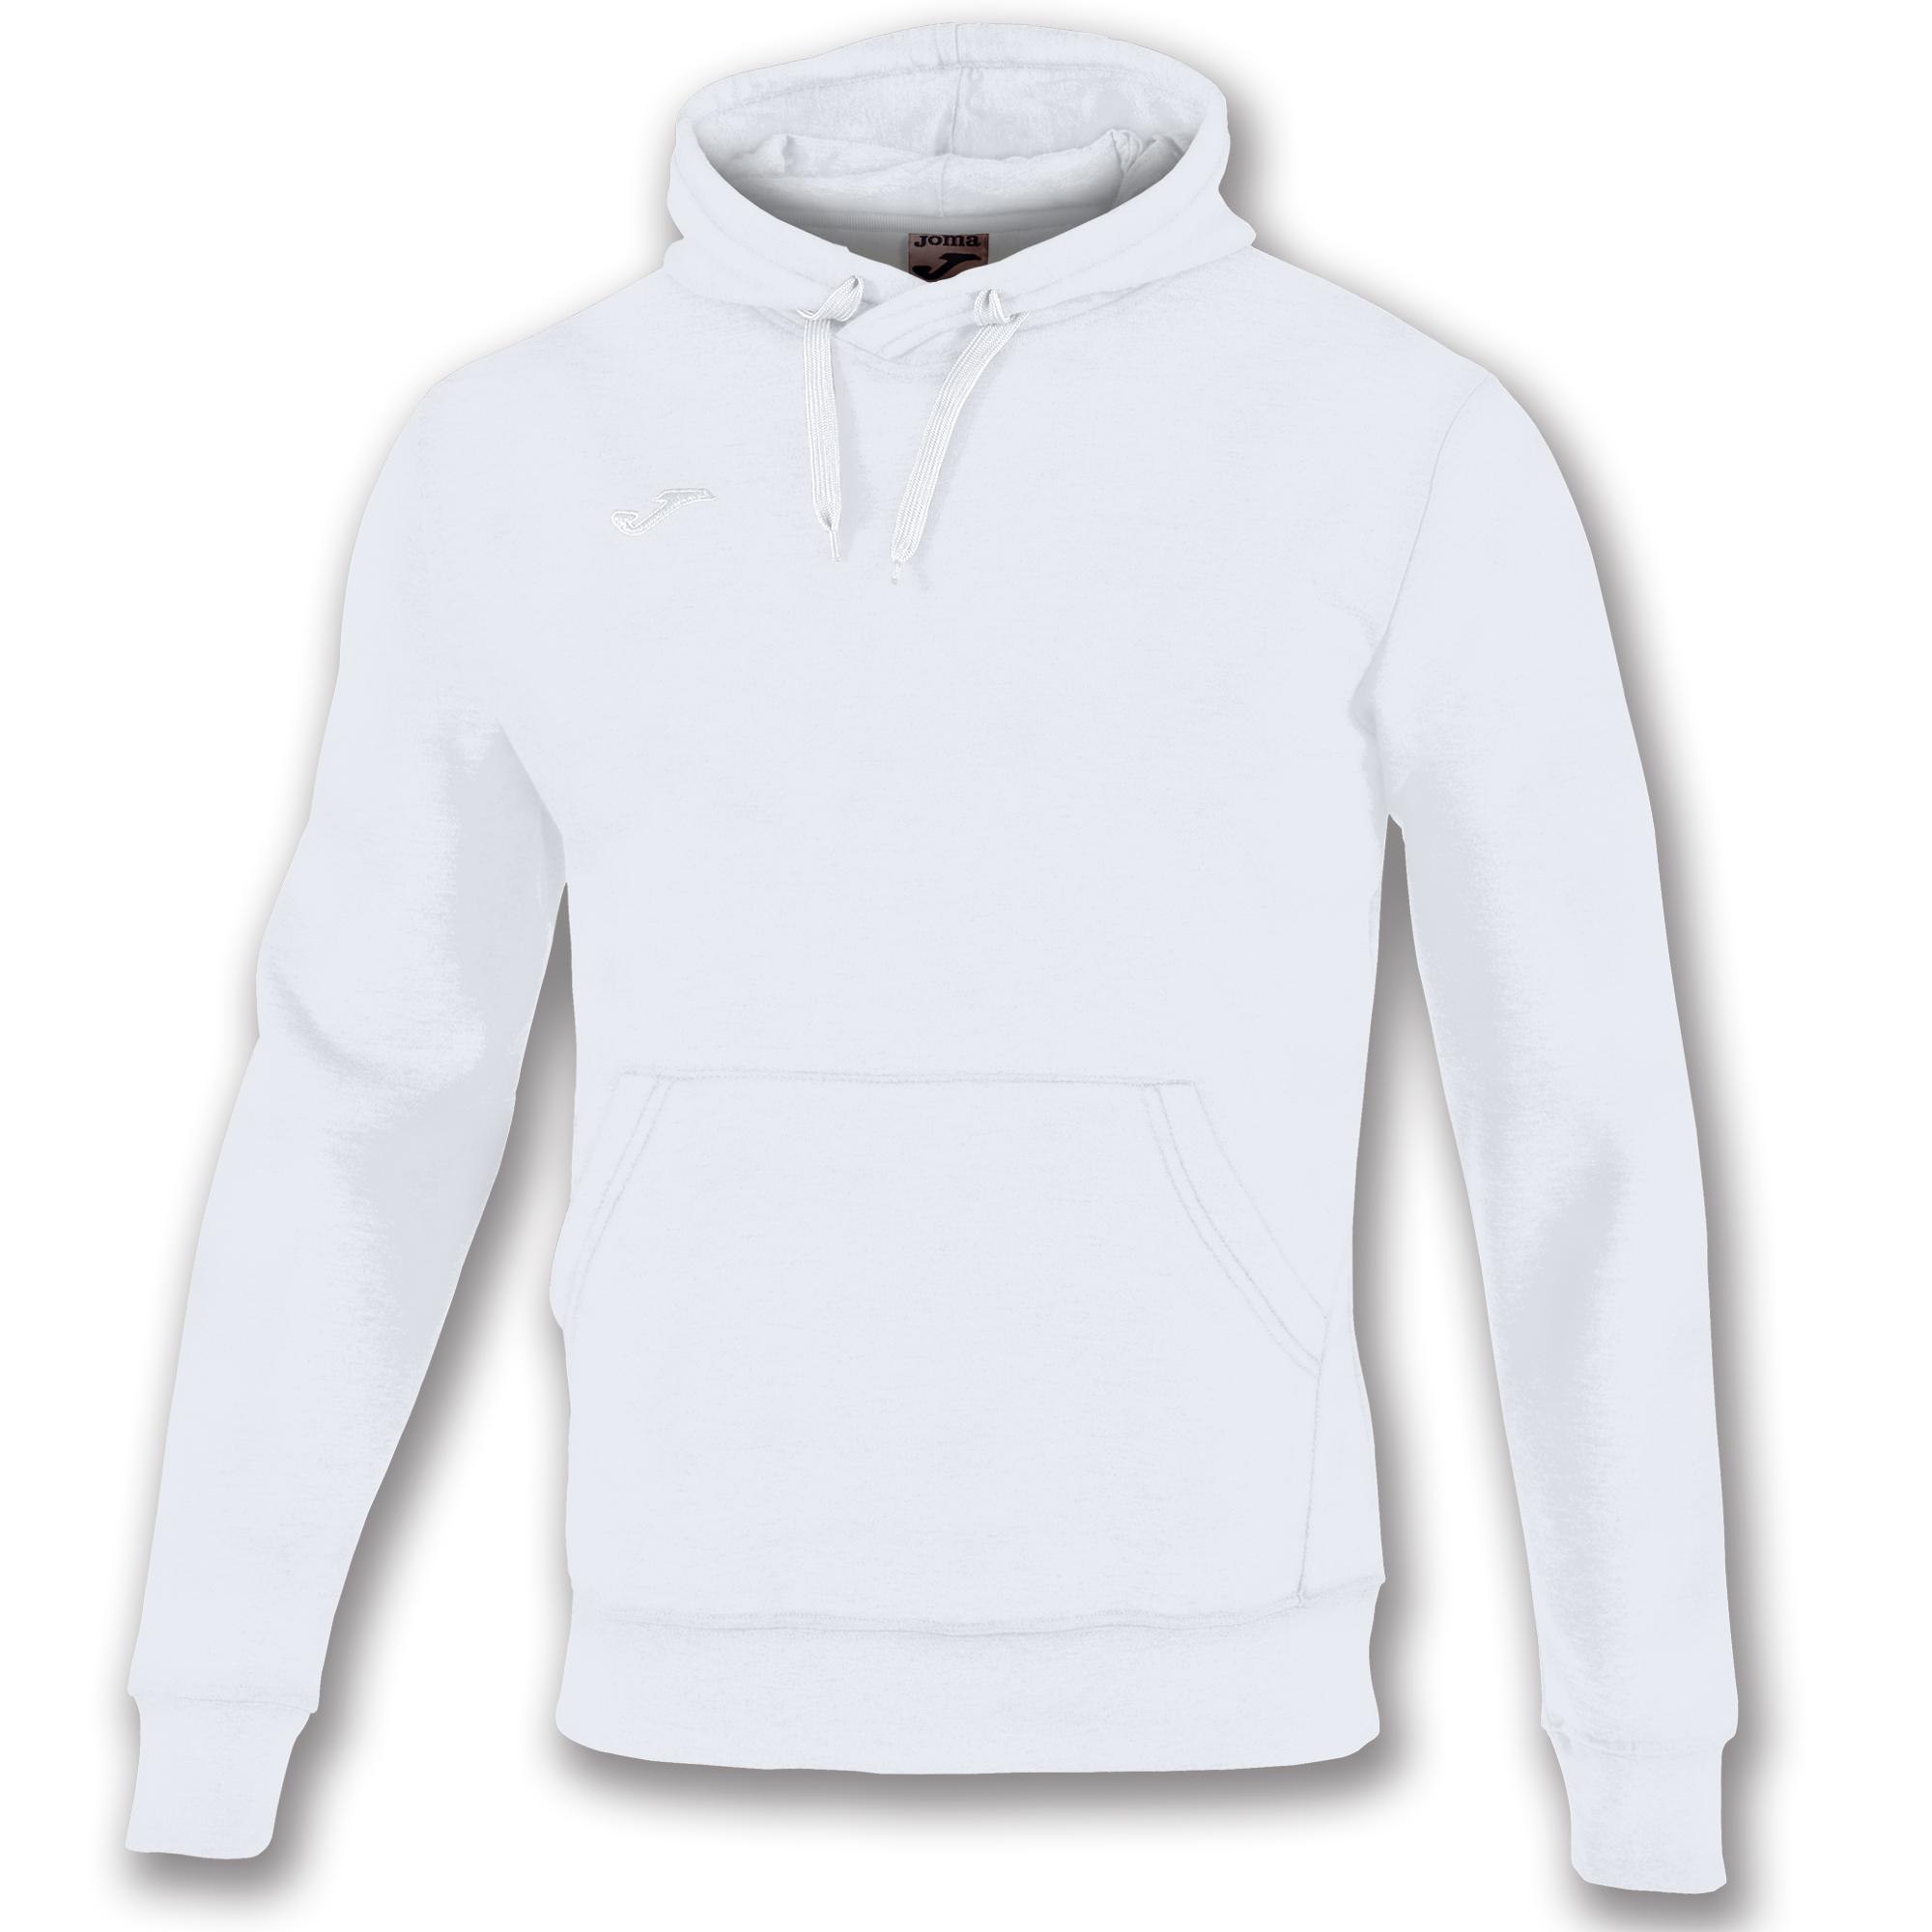 Compra sudaderas con capucha ropa online al por mayor de